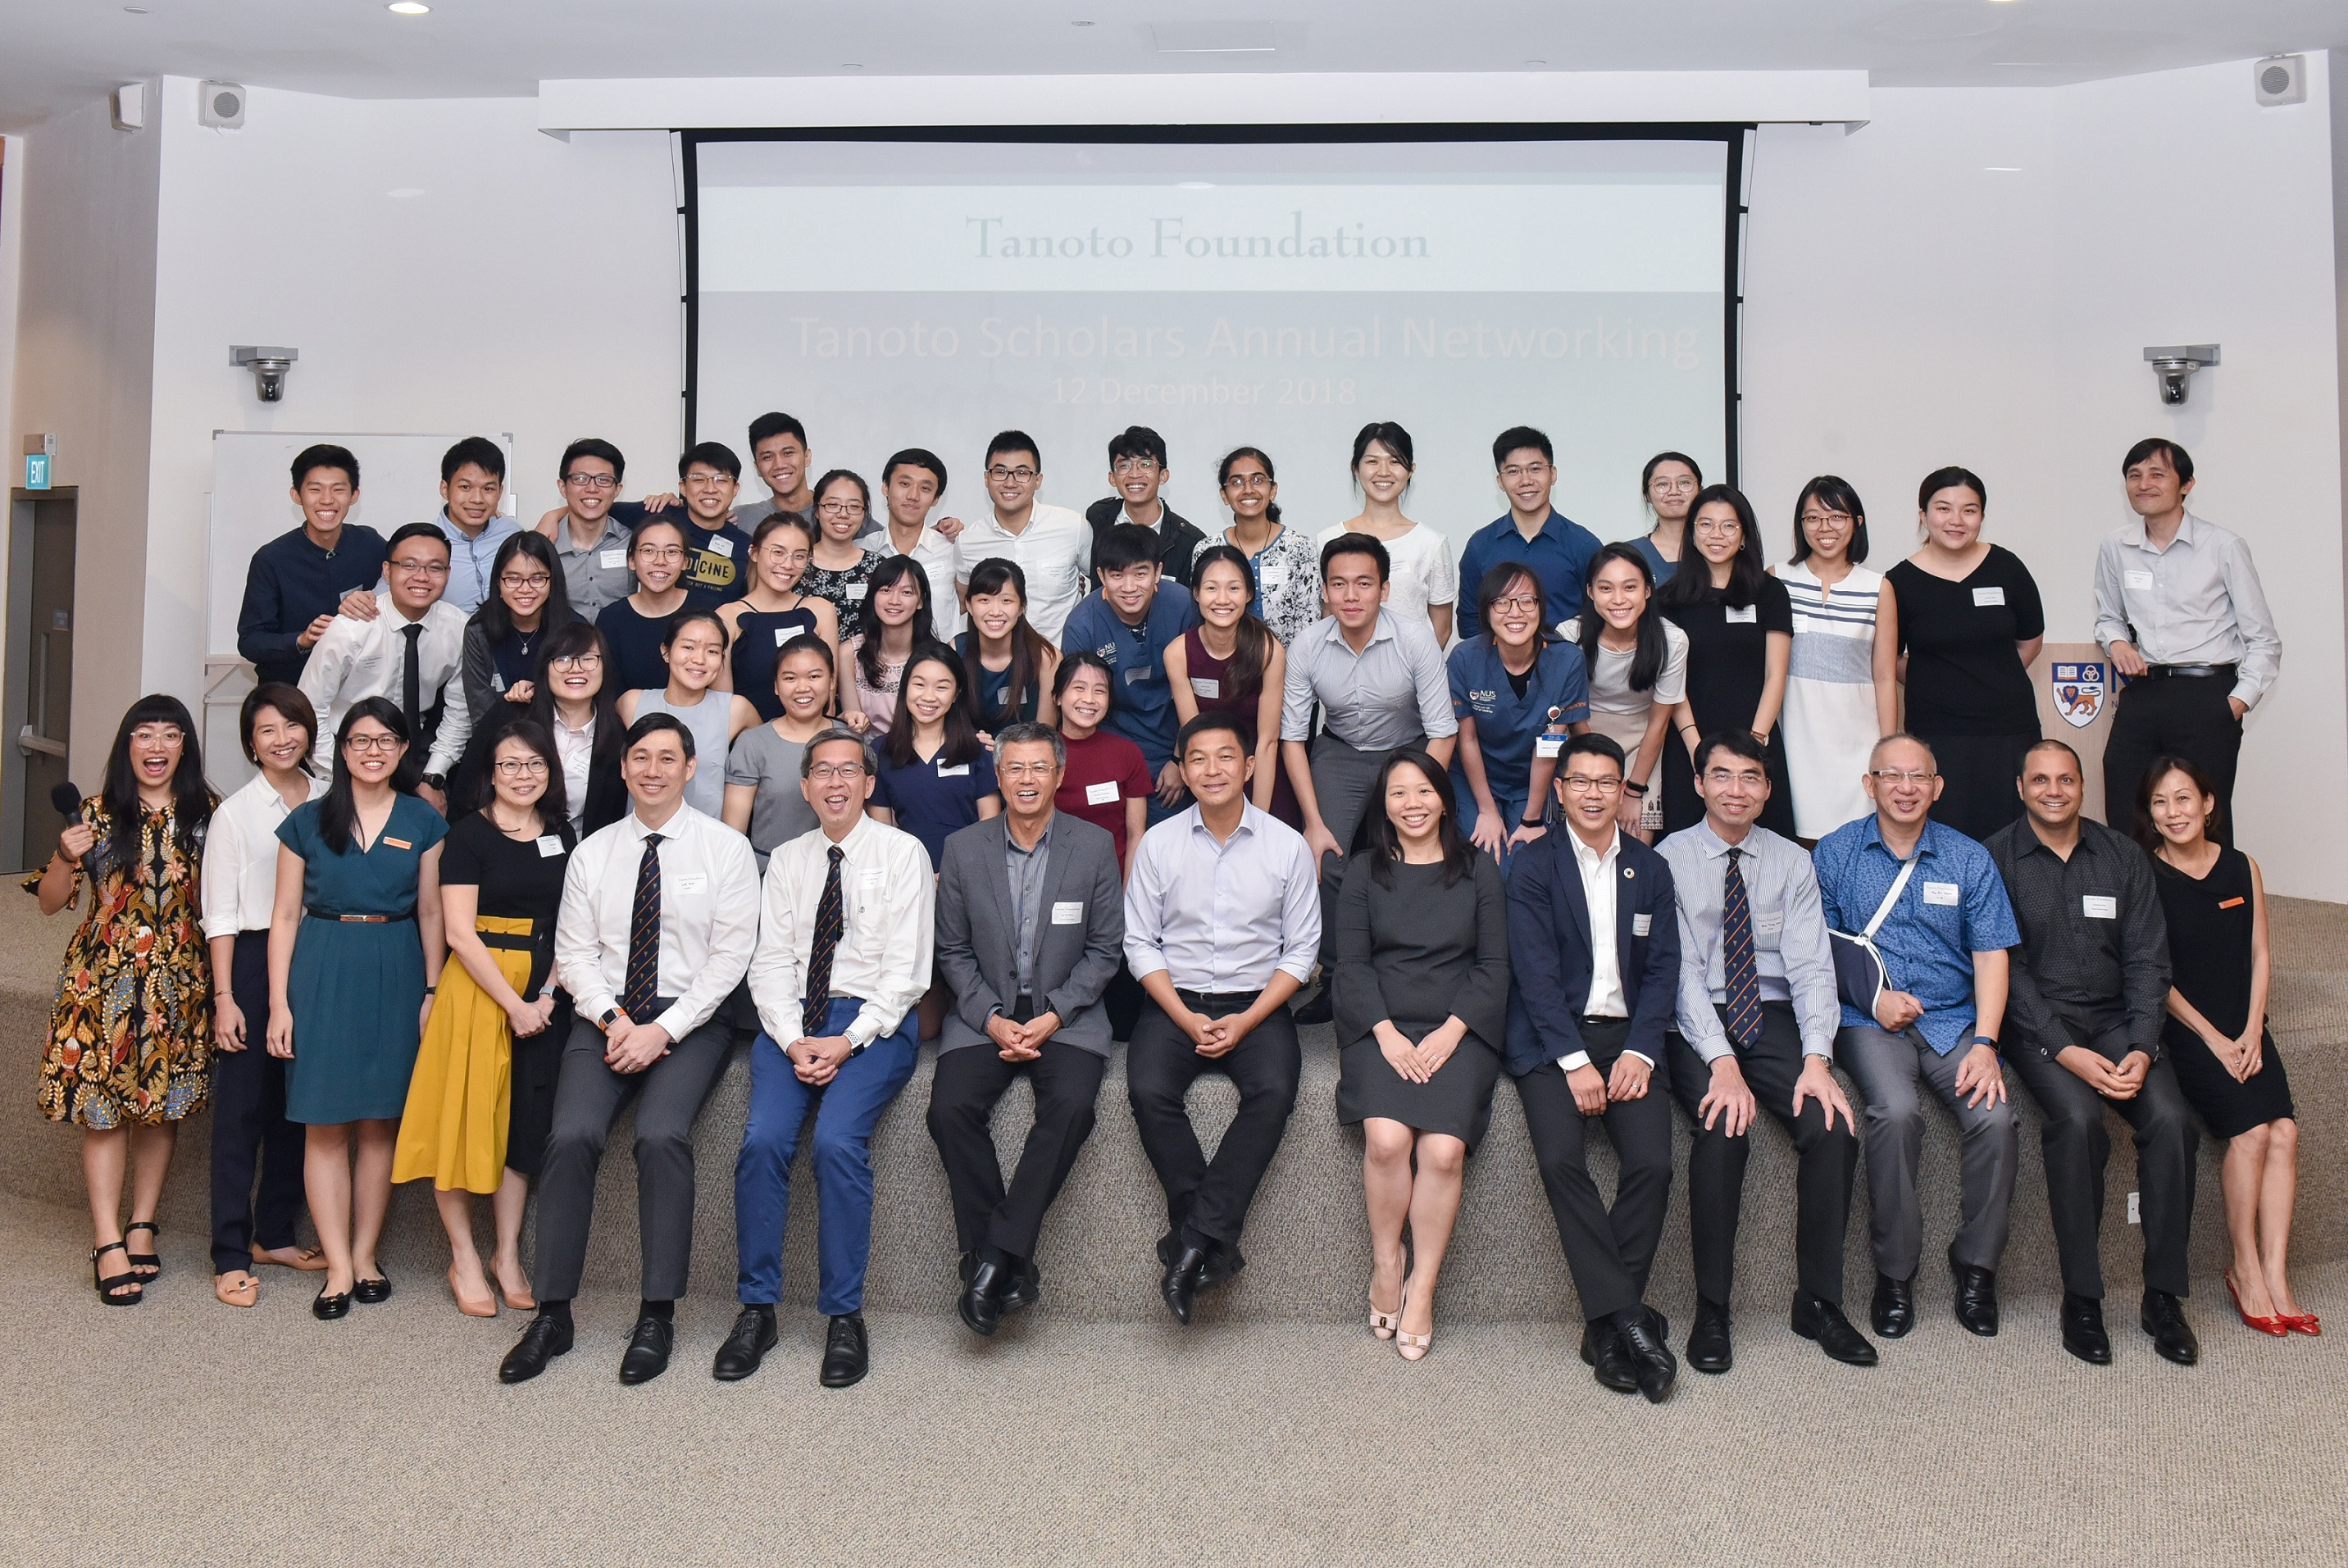 Tanoto Foundation Singapore Imelda Tanoto